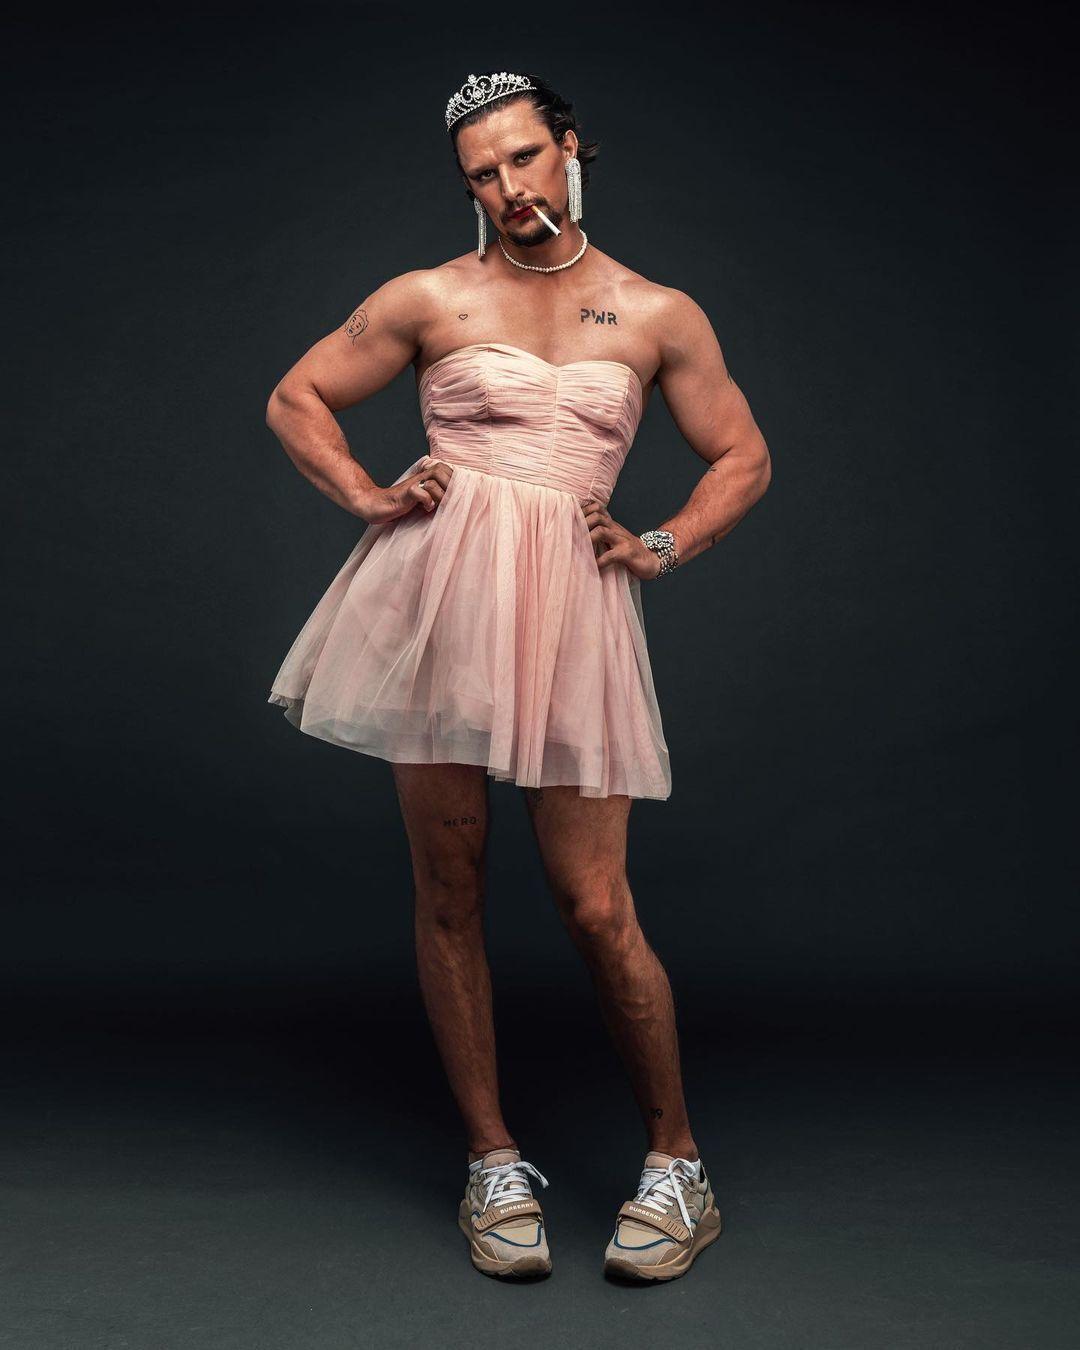 Тарас позирует в розовом коротком платье с декольте